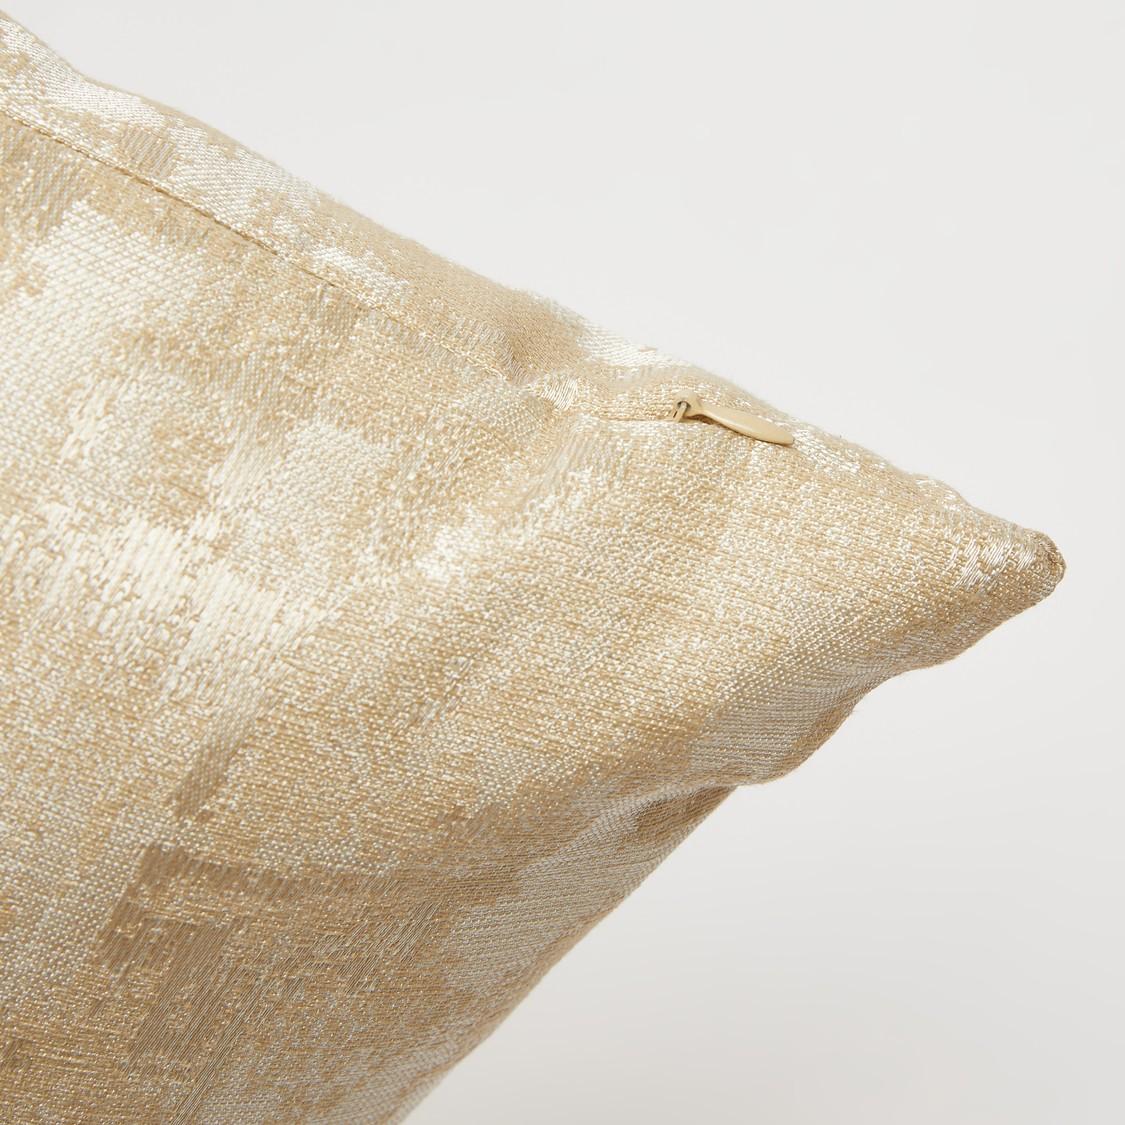 وسادة محشوّة بارزة الملمس بسحّاب إغلاق - 43x43 سم